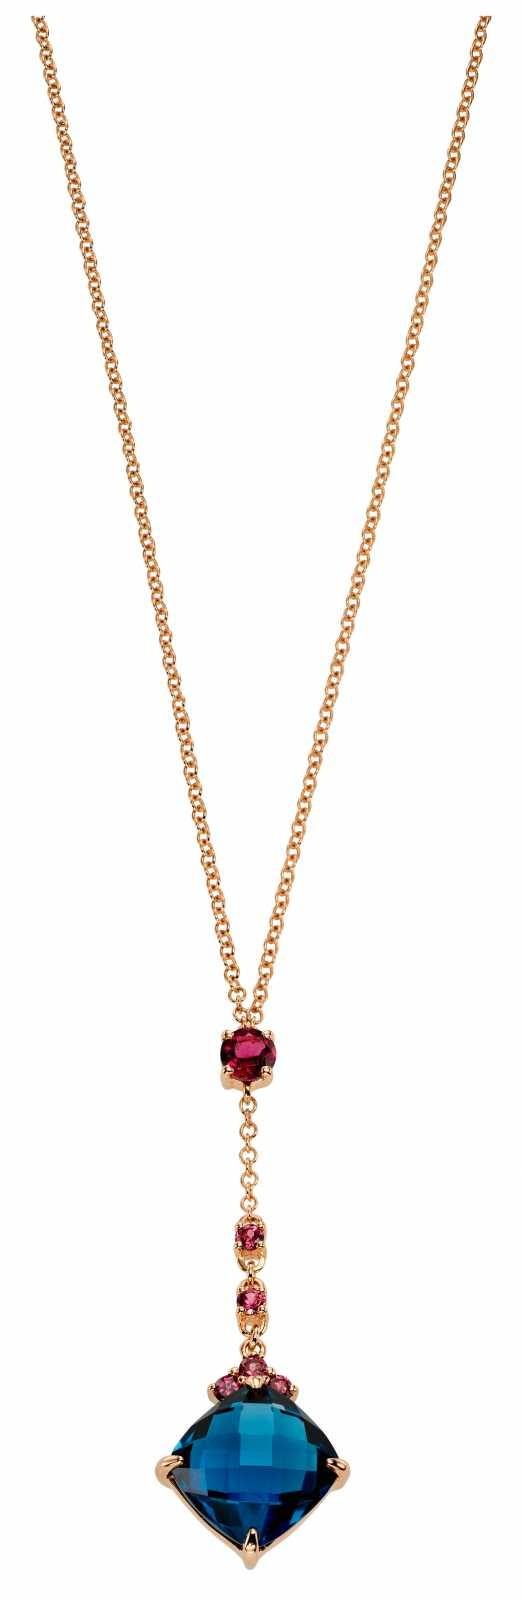 Fiorelli Gold 9k Rose Gold London Blue Topaz Rhodolite Neckace 41 – 46 cm GN268